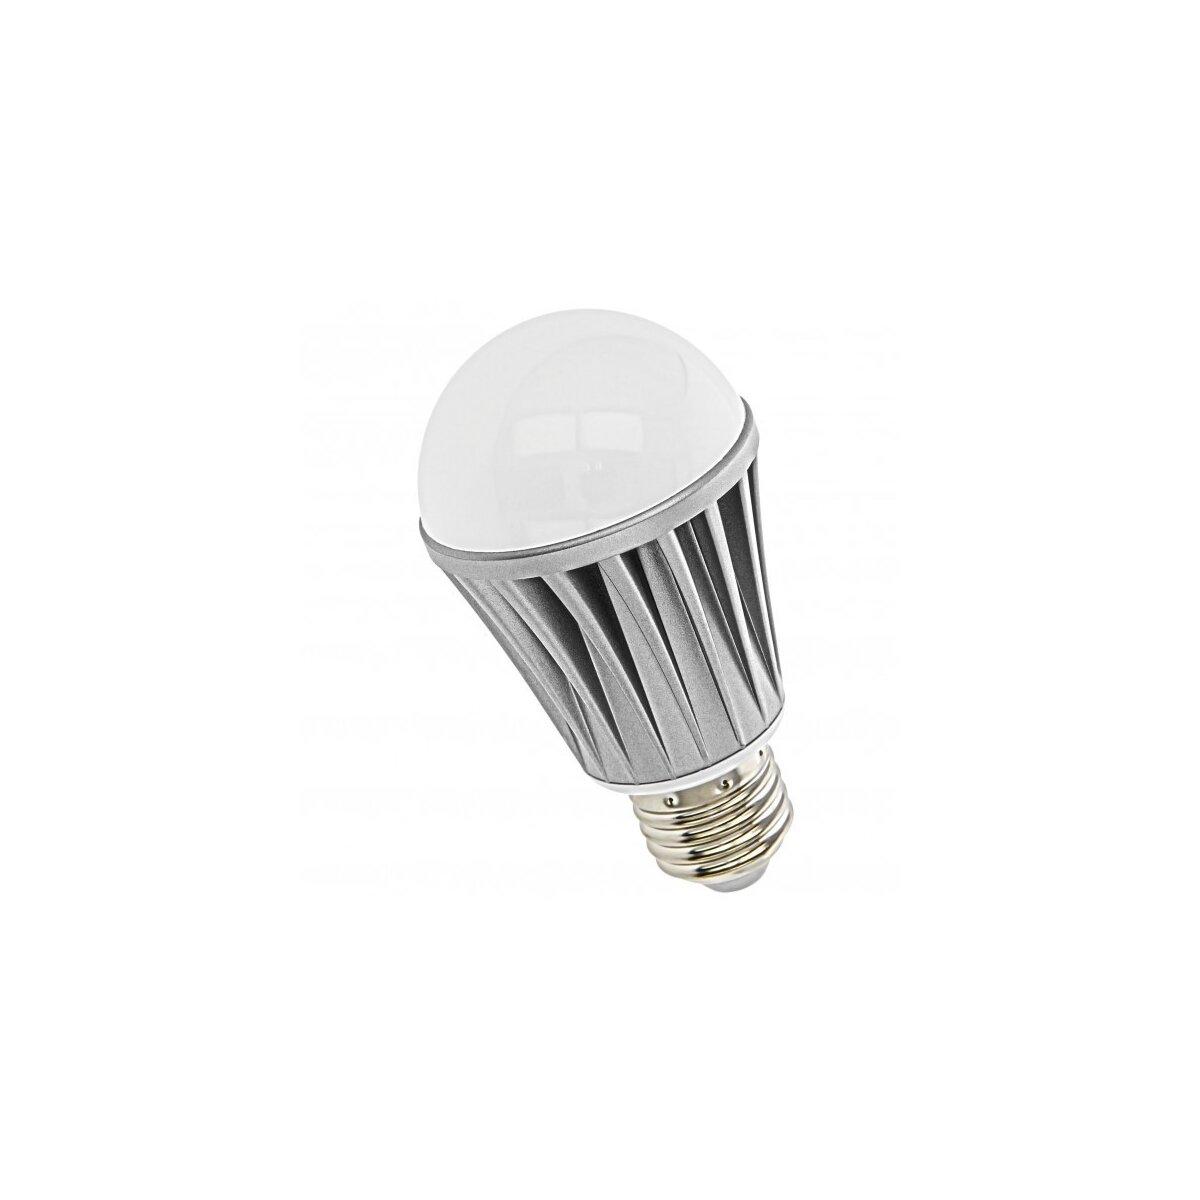 Minadax® dimmbare Multicolor LED Gluehbirne mit 16 Mio Farben 7,5 Watt A+ fuer E27 Sockel - Steuern Sie die Farbe Ihres Lichtes ueber Bluetooth 4.0